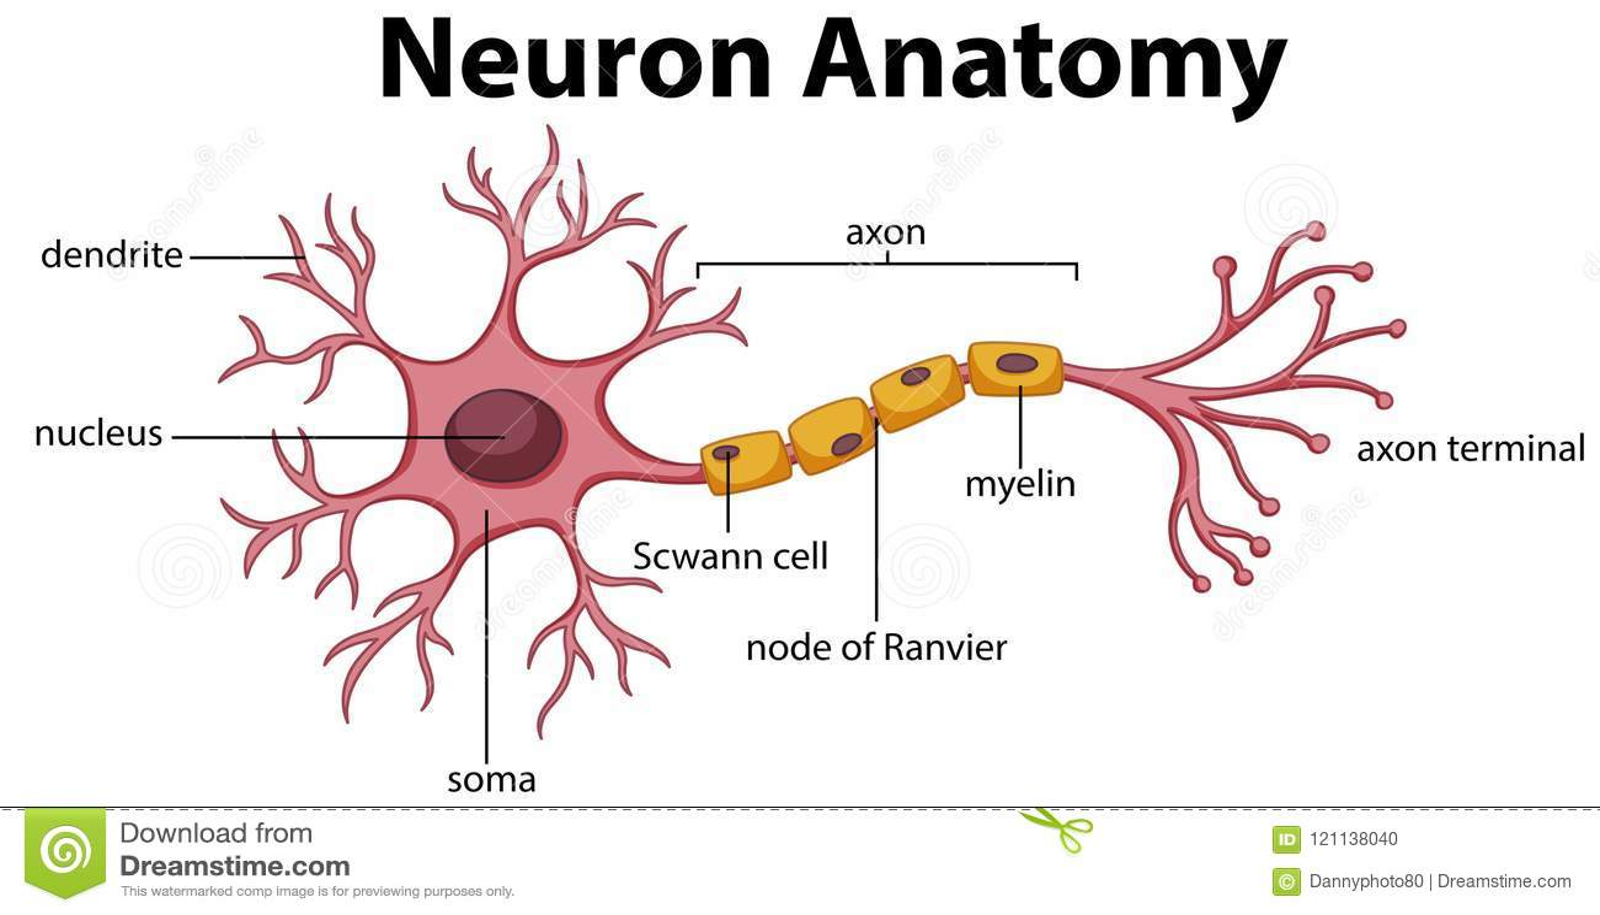 Diagram neuron anatomia